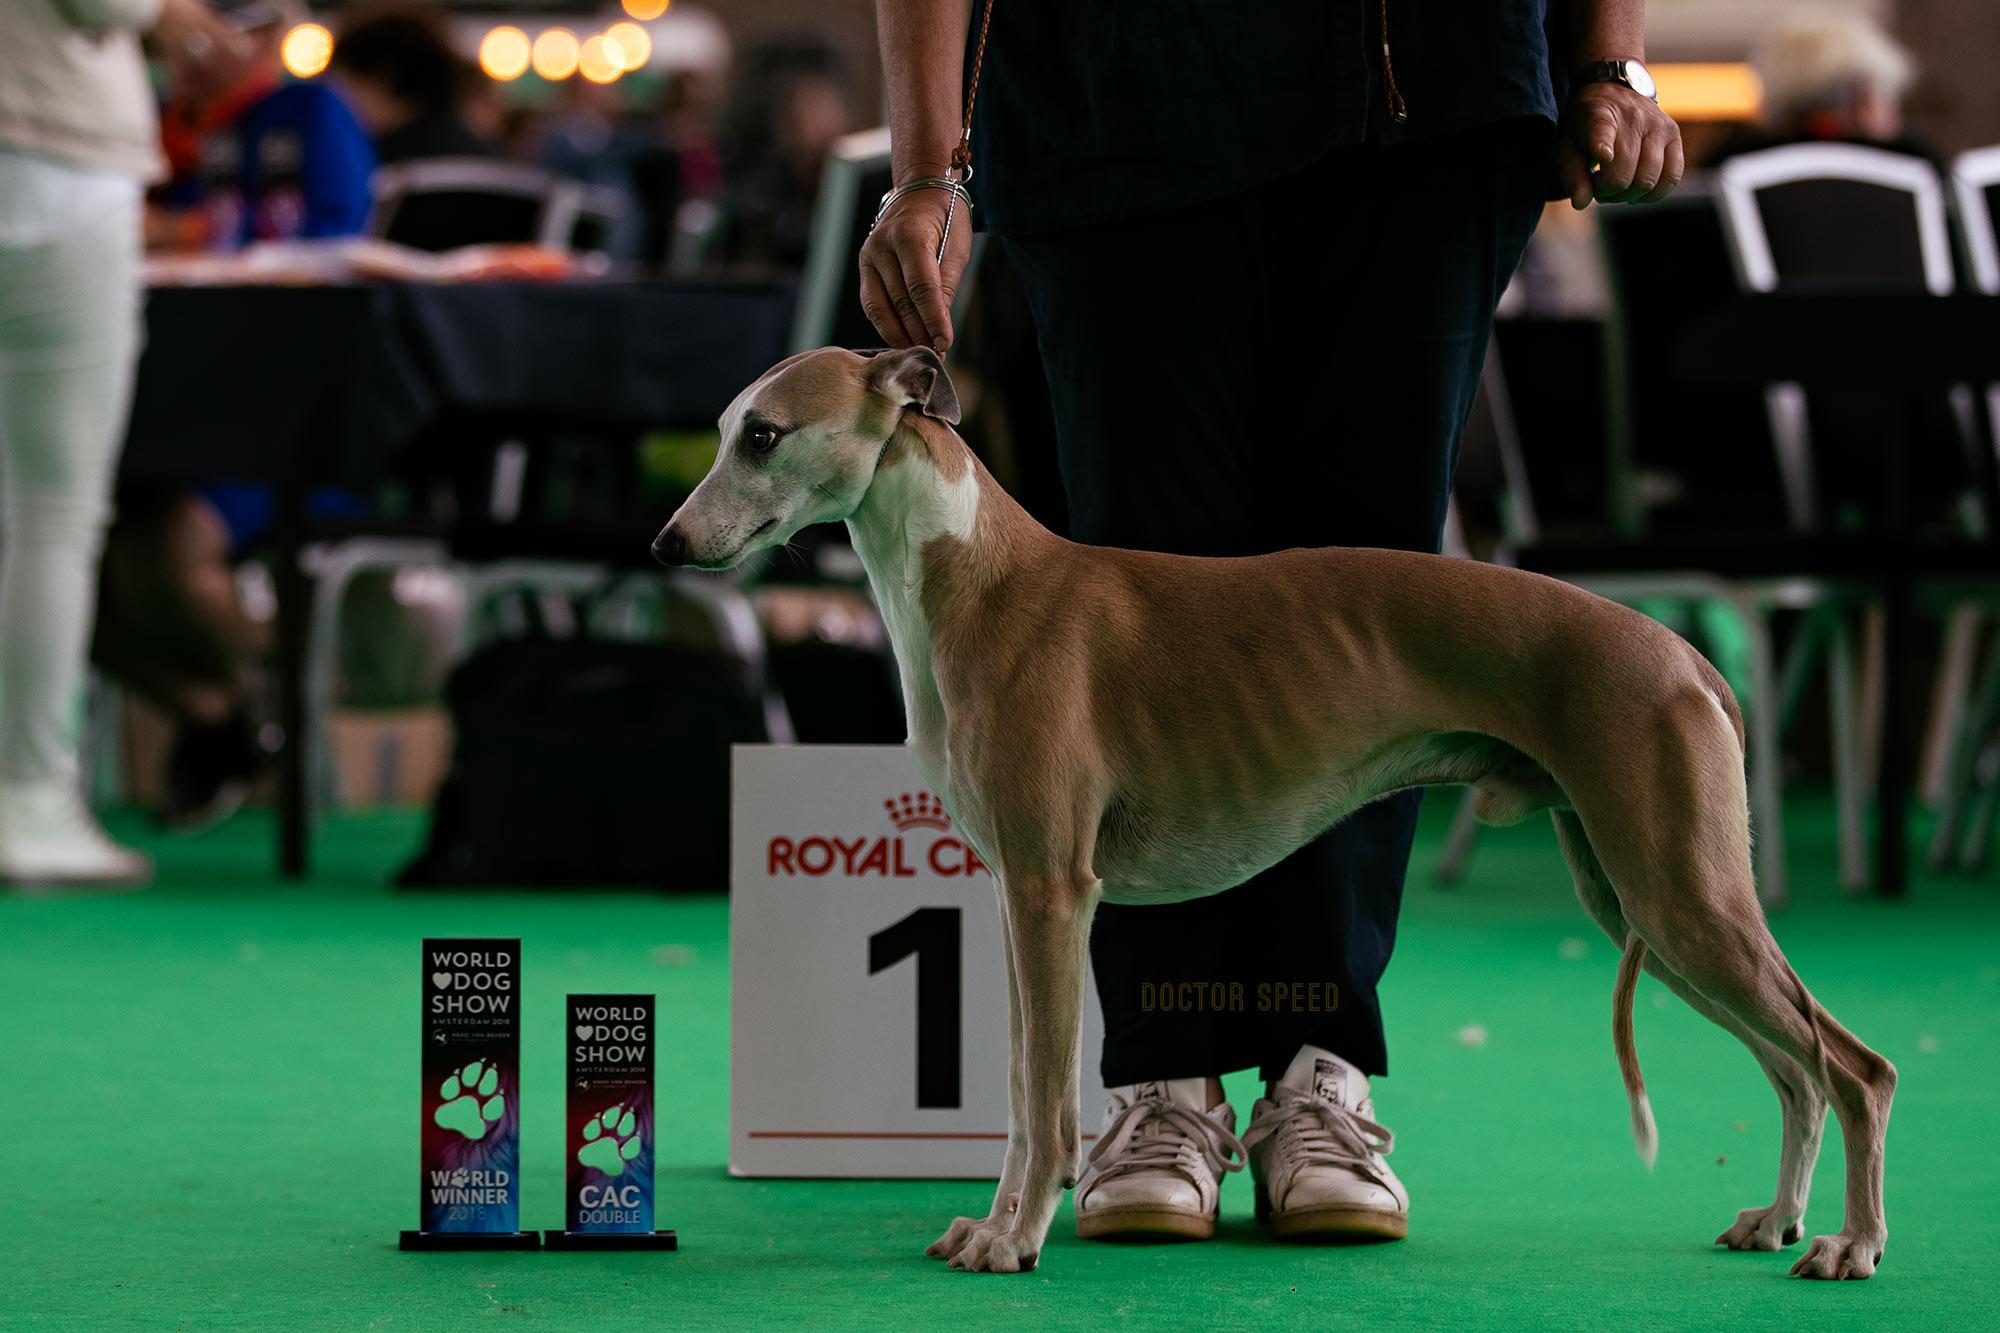 Esedra Miramare ist Weltsieger 2018 - World Dog Show Amsterdam 2018